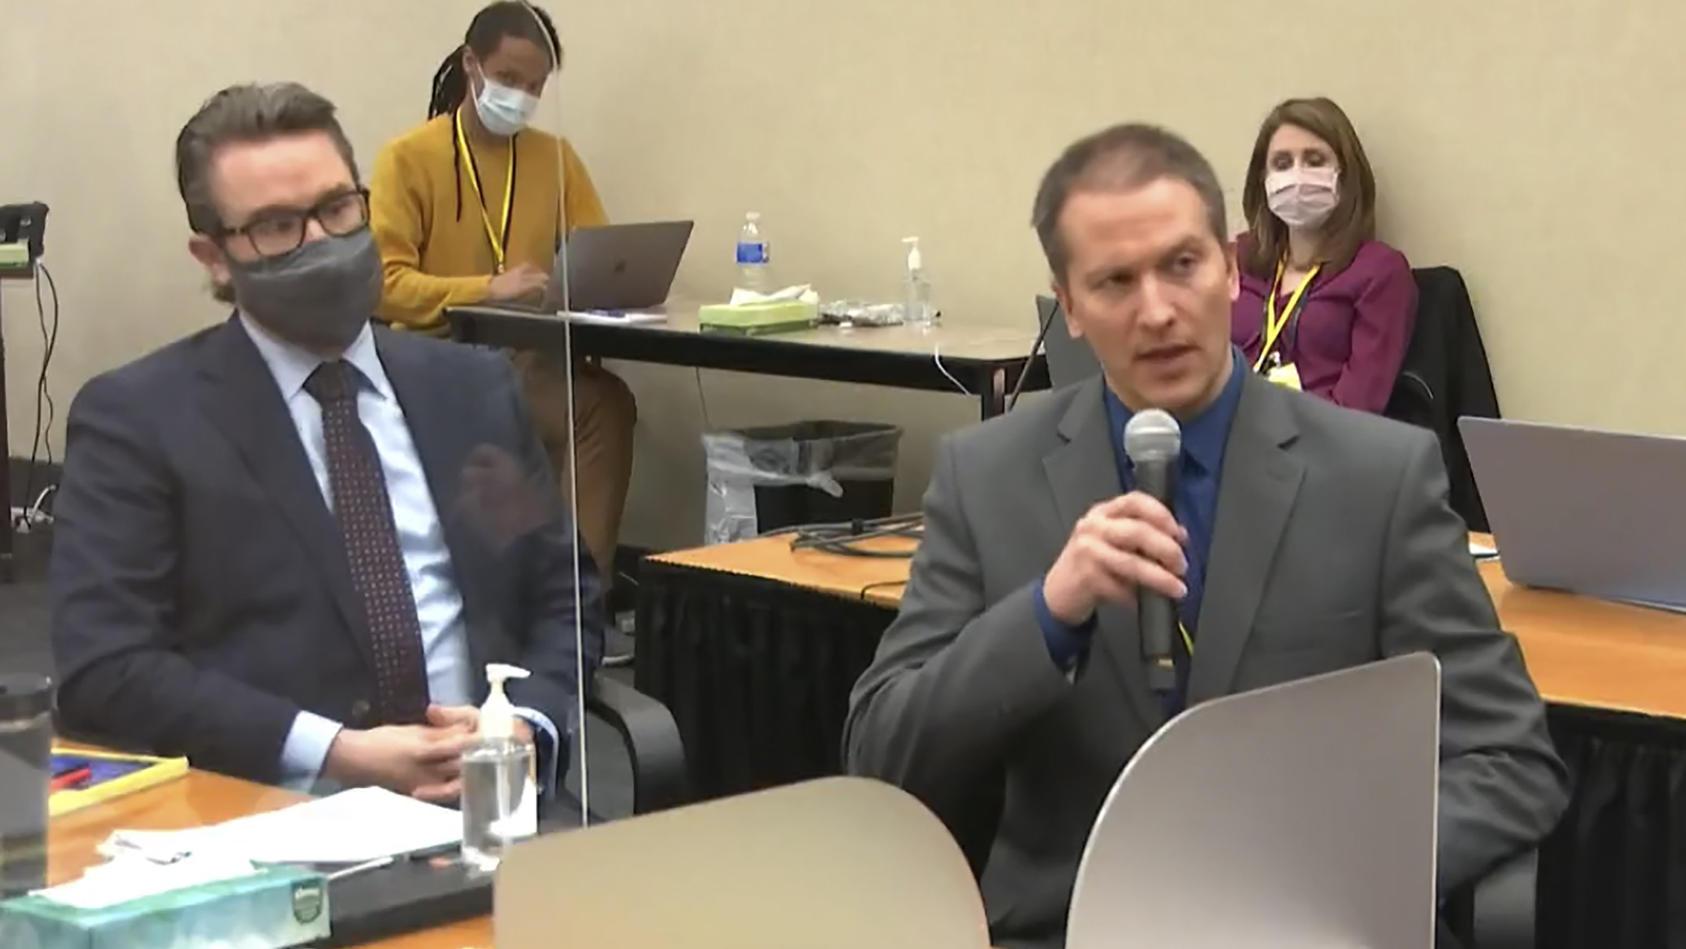 Anwalt Eric Nelson (links) und Derek Chauvin beim Prozss im Mordfall George Floyd.